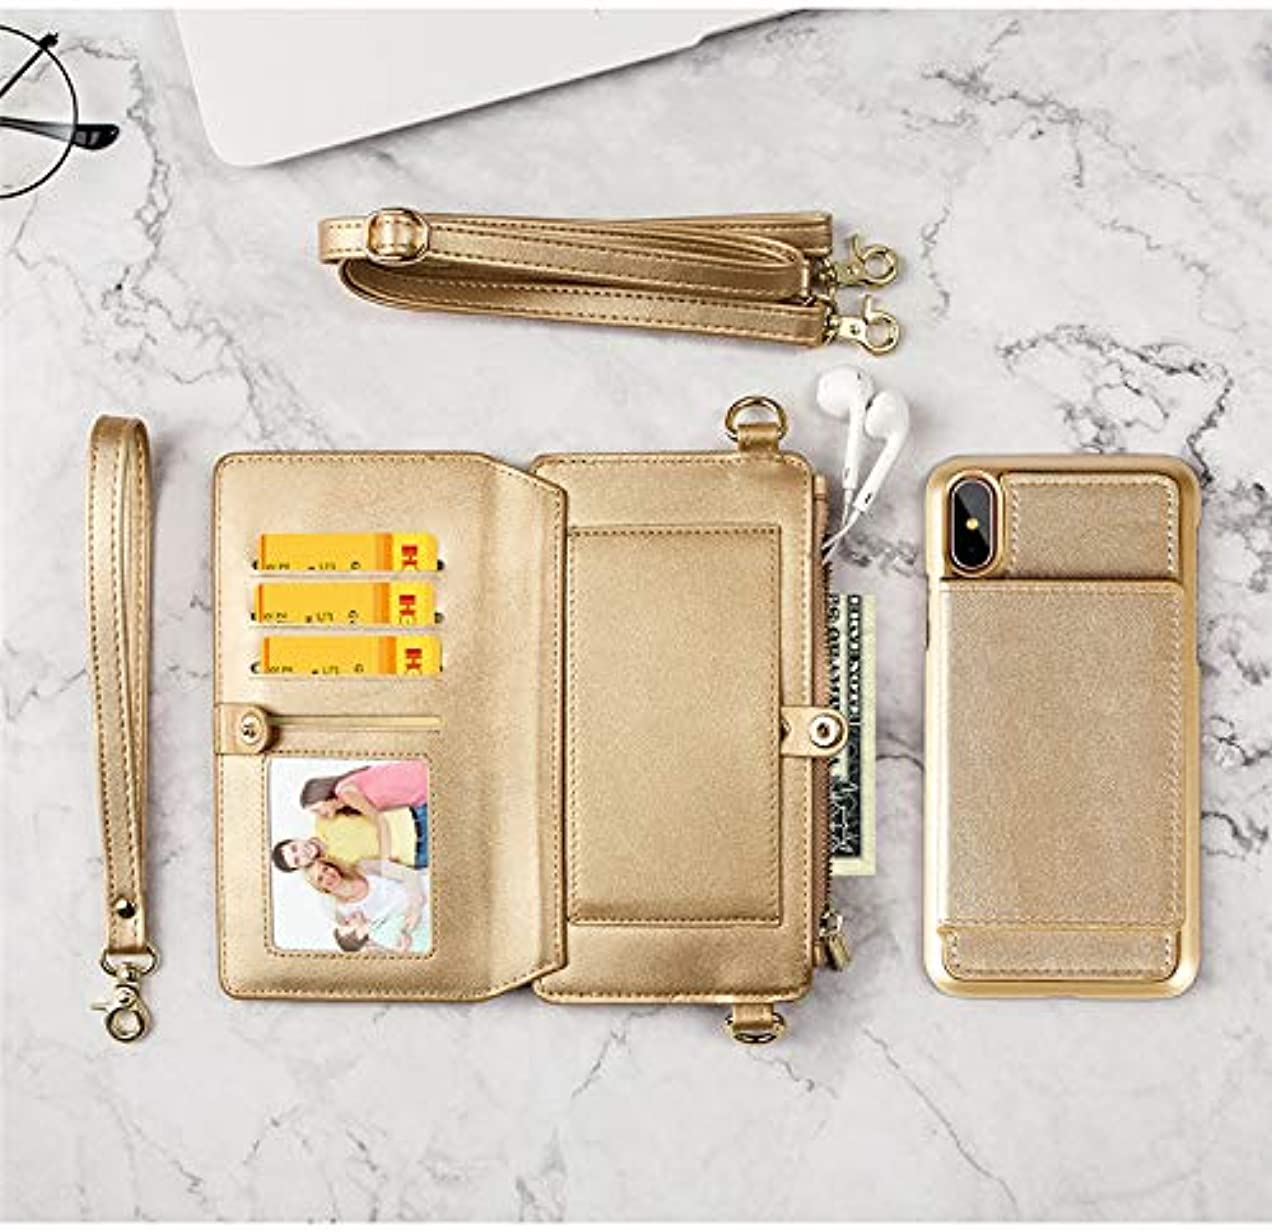 うめきスティーブンソンシャツiPhone XS Maxマックスケース財布、TABCaseプレミアムPUレザー12カードスロット、IDカード、コインポケット、取り外し可能な2つのショルダーストラップ付きジッパーリストバッグ付き多機能iPhoneショルダーストラップ...